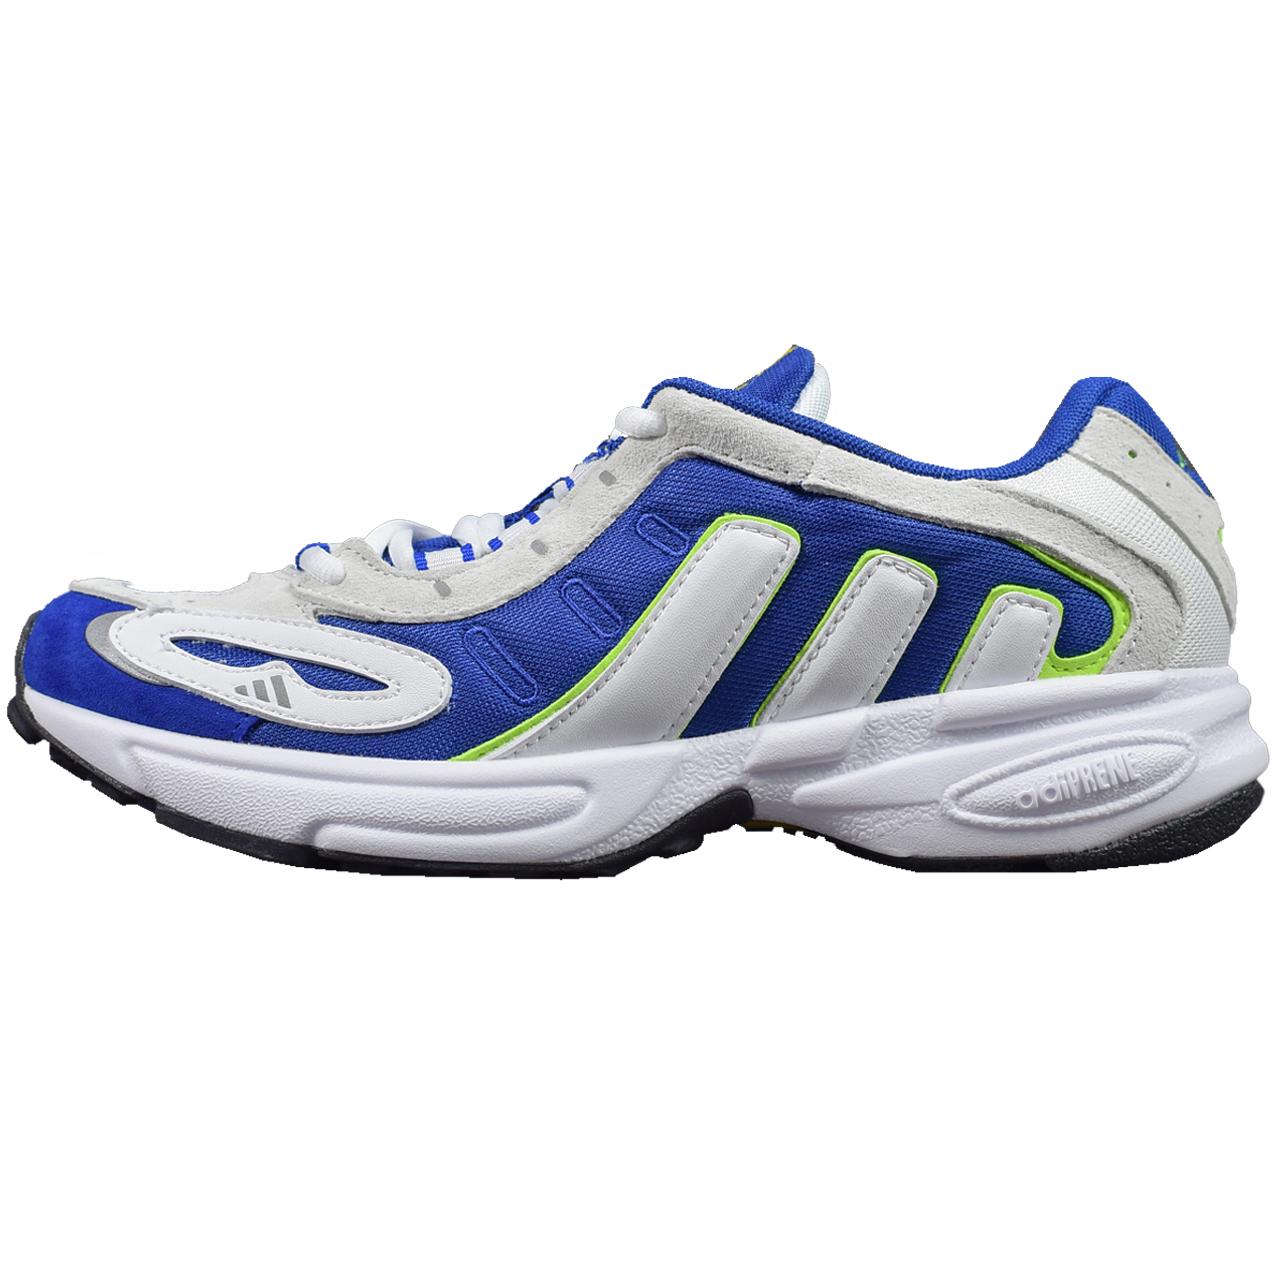 کفش ورزشی مخصوص دویدن و پیاده روی مردانه آدیداس مدل Galaxy k